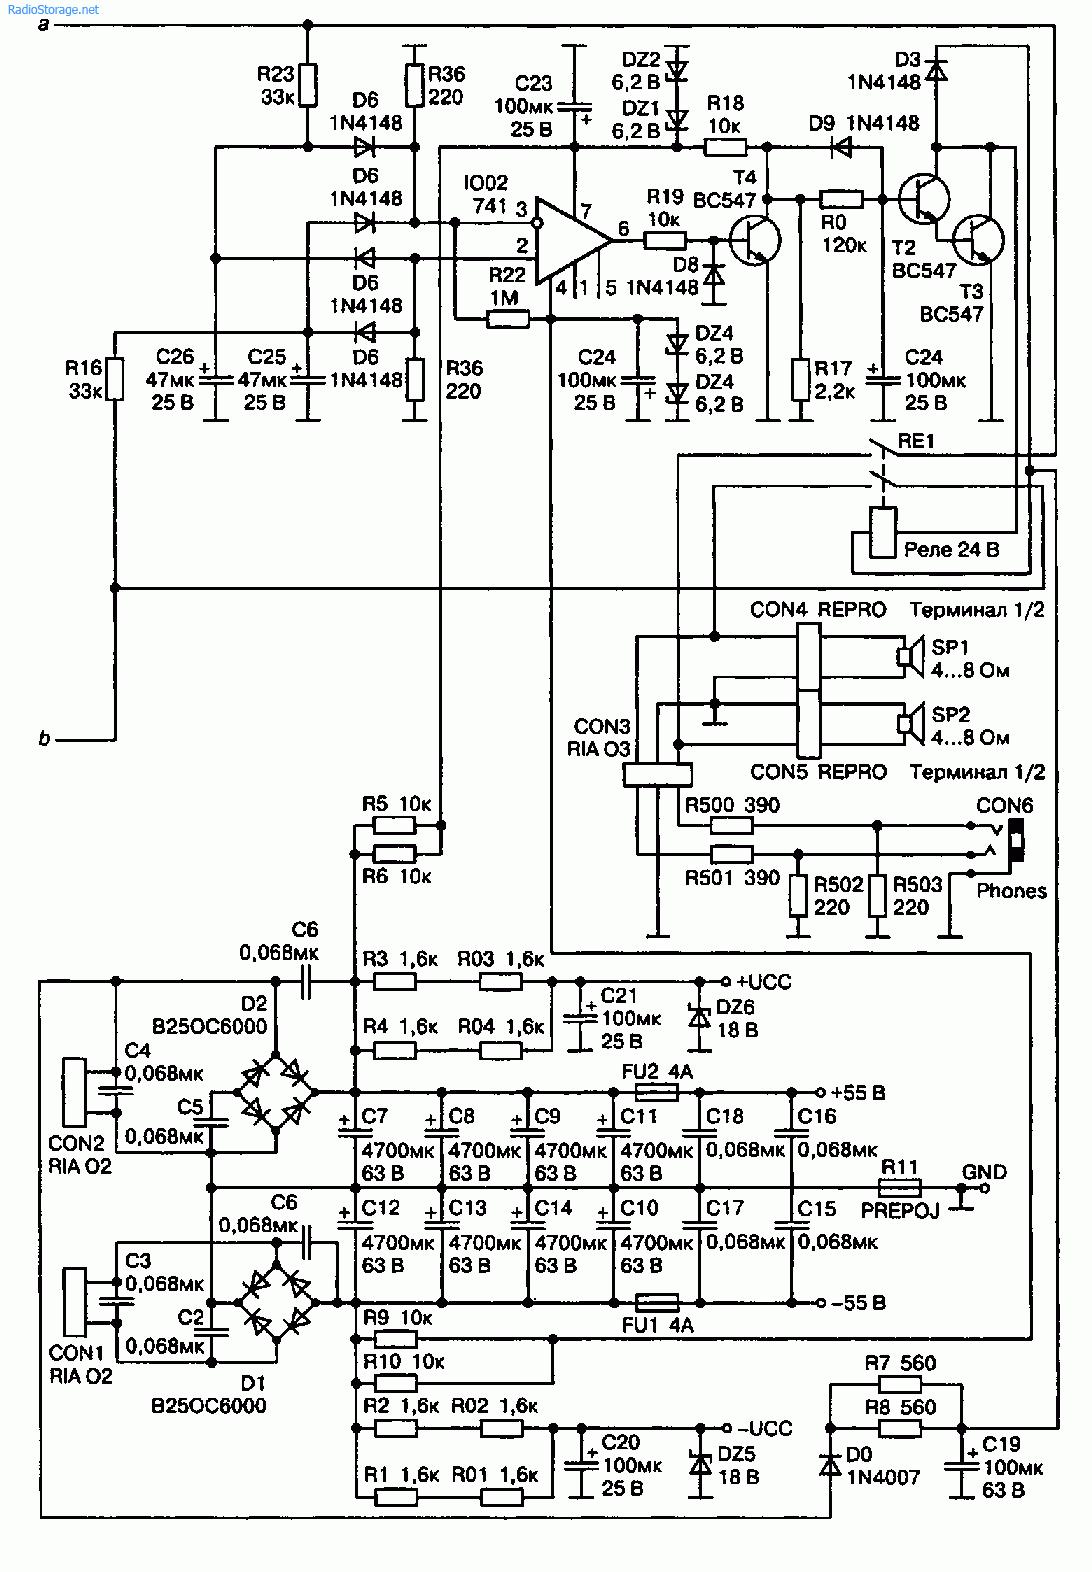 Схема УМЗЧ 2x150 Вт на микросхеме STK4048 XI